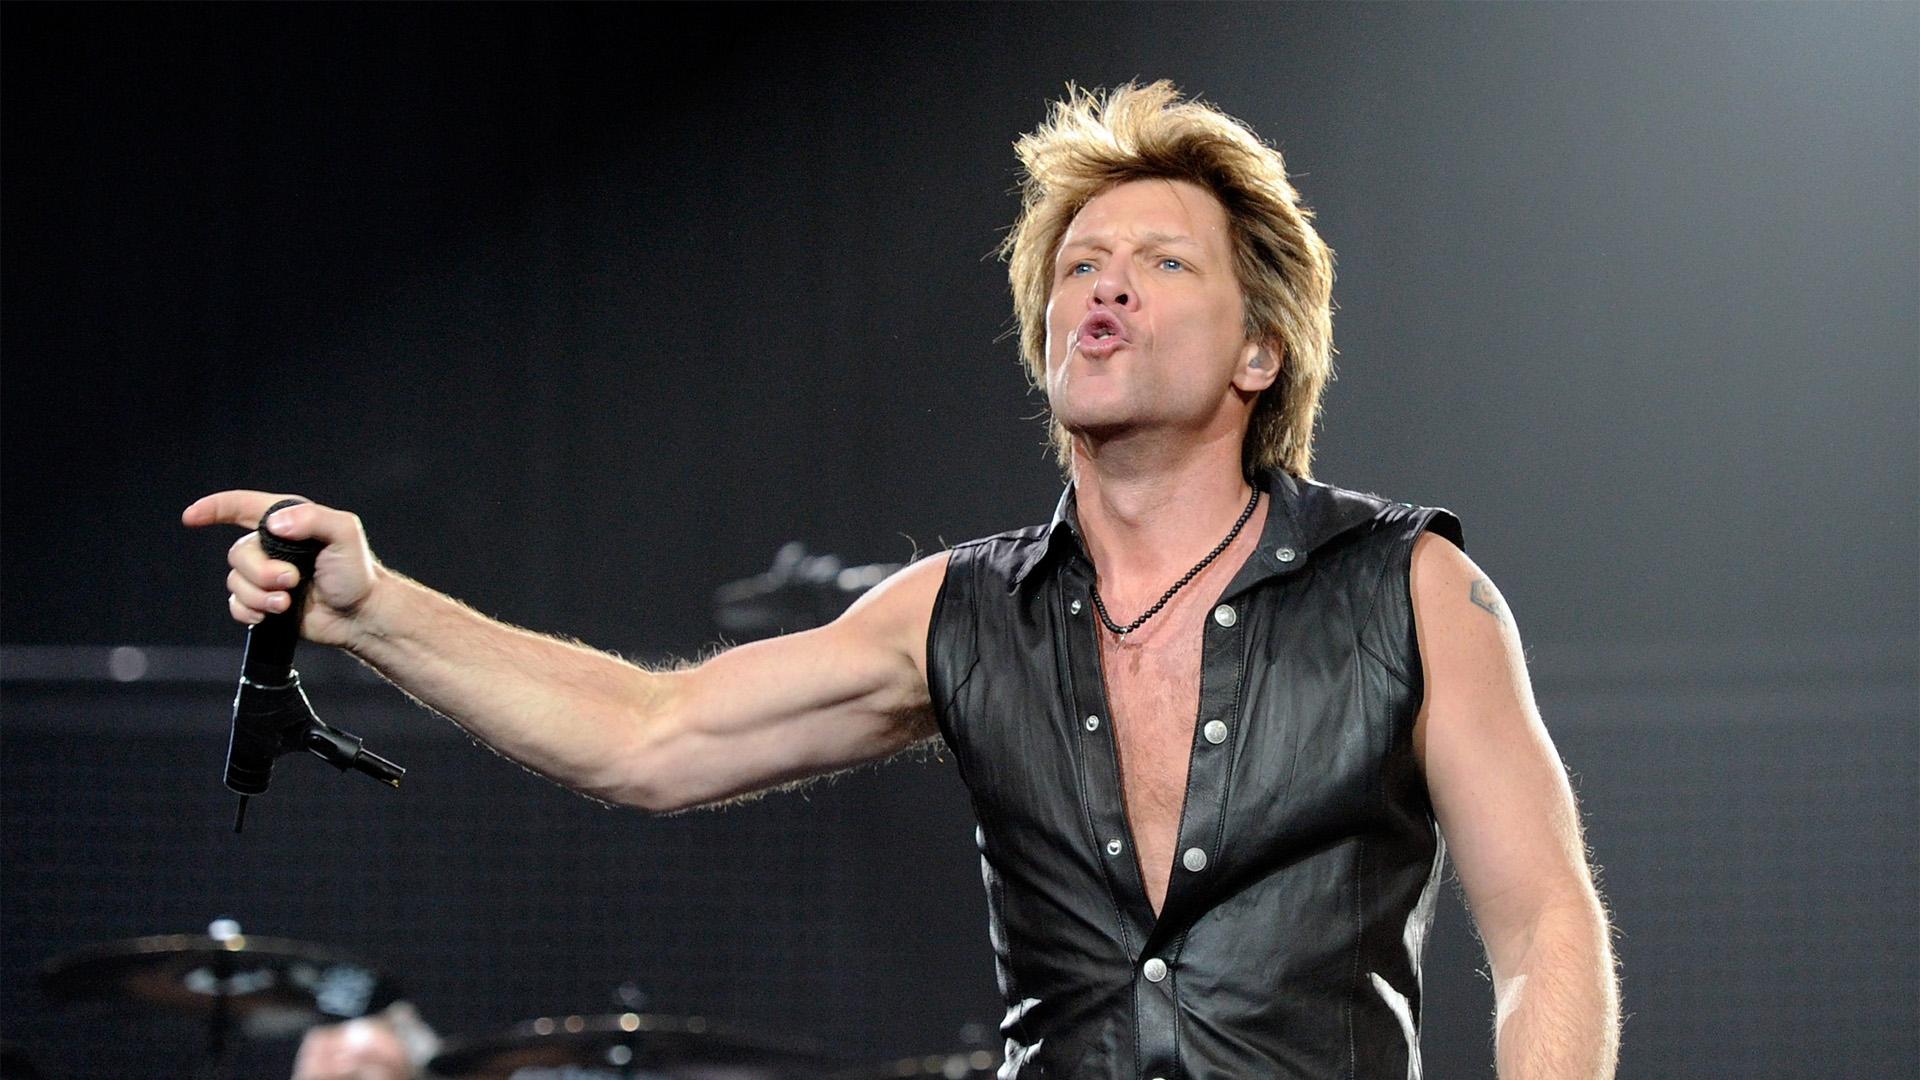 Jon Bon Jovi Photos